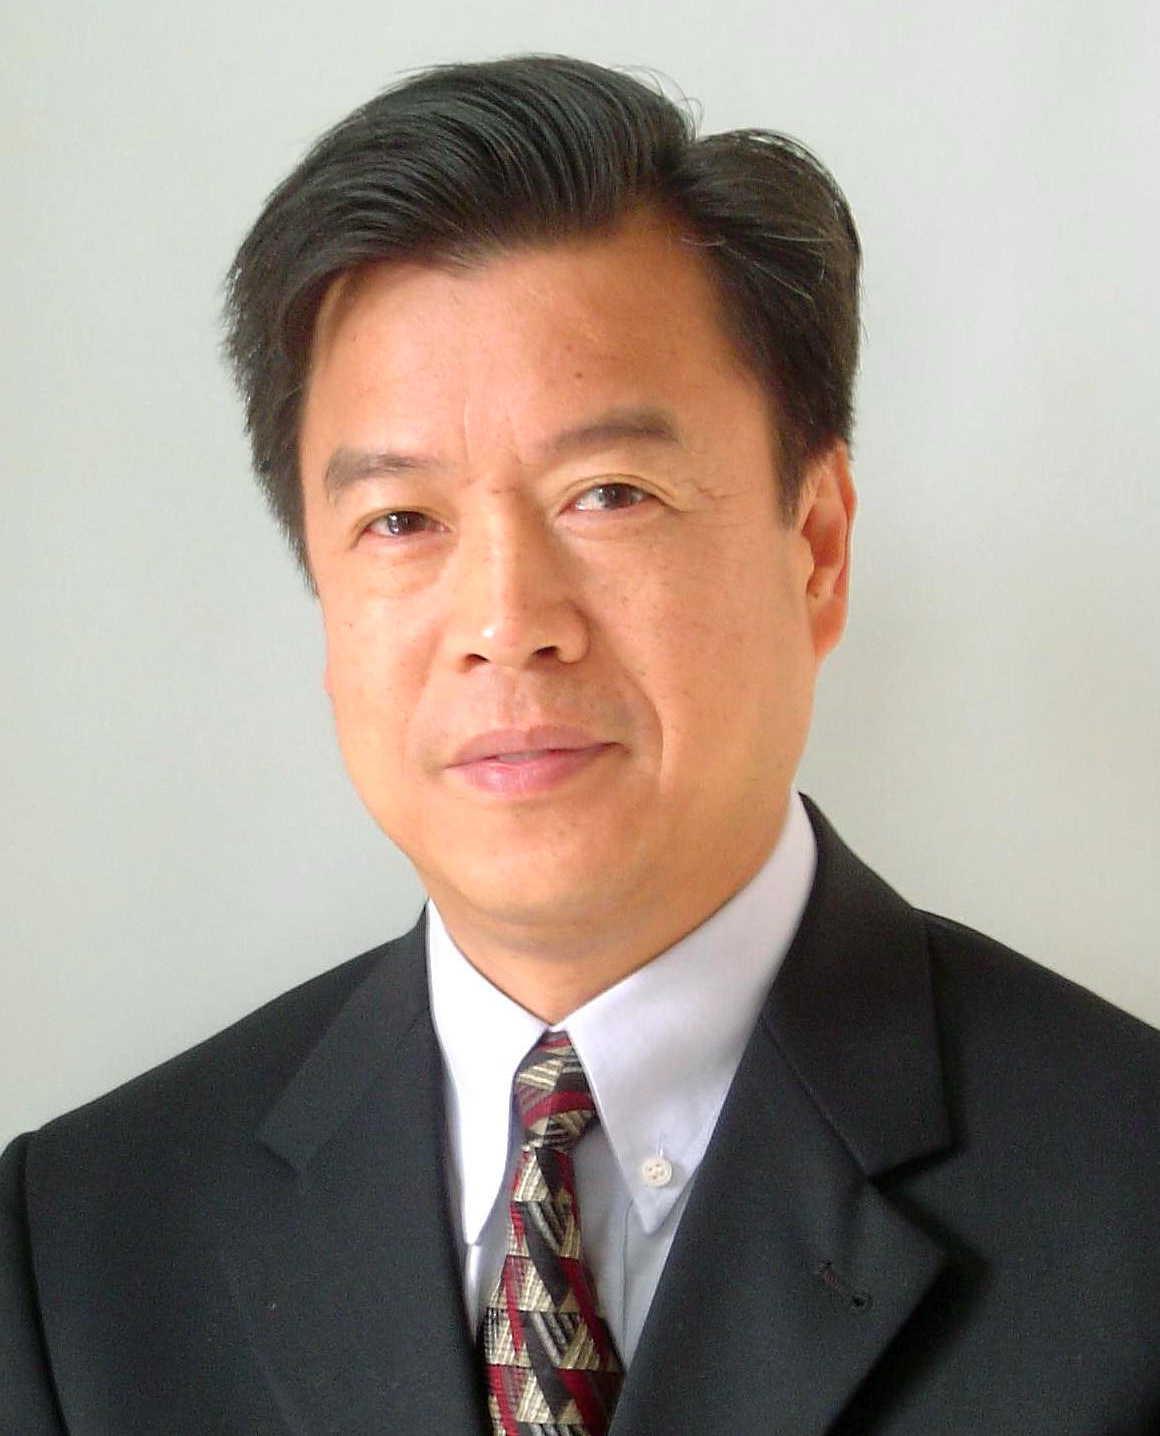 Lianxiang Yang